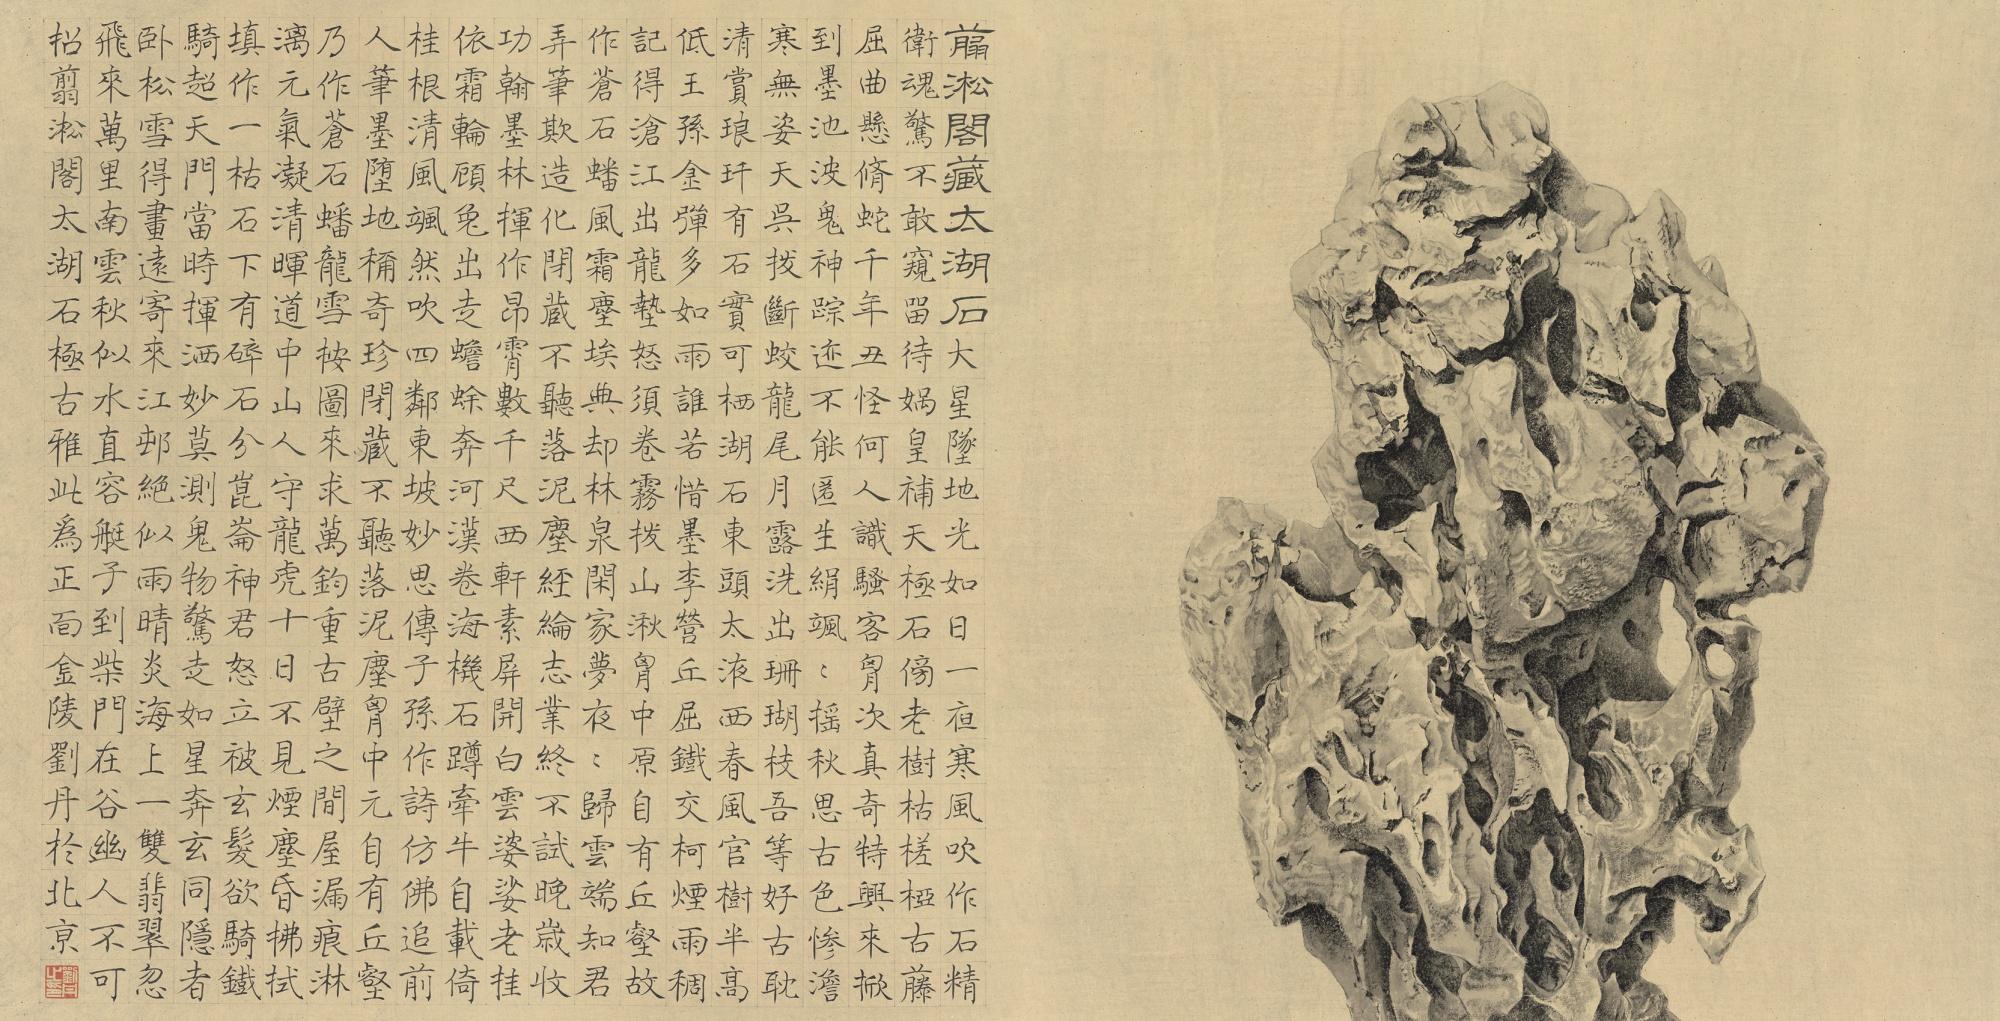 Rocher d'un érudit, encre sur papier, 2013, Liu Dan (1953-)